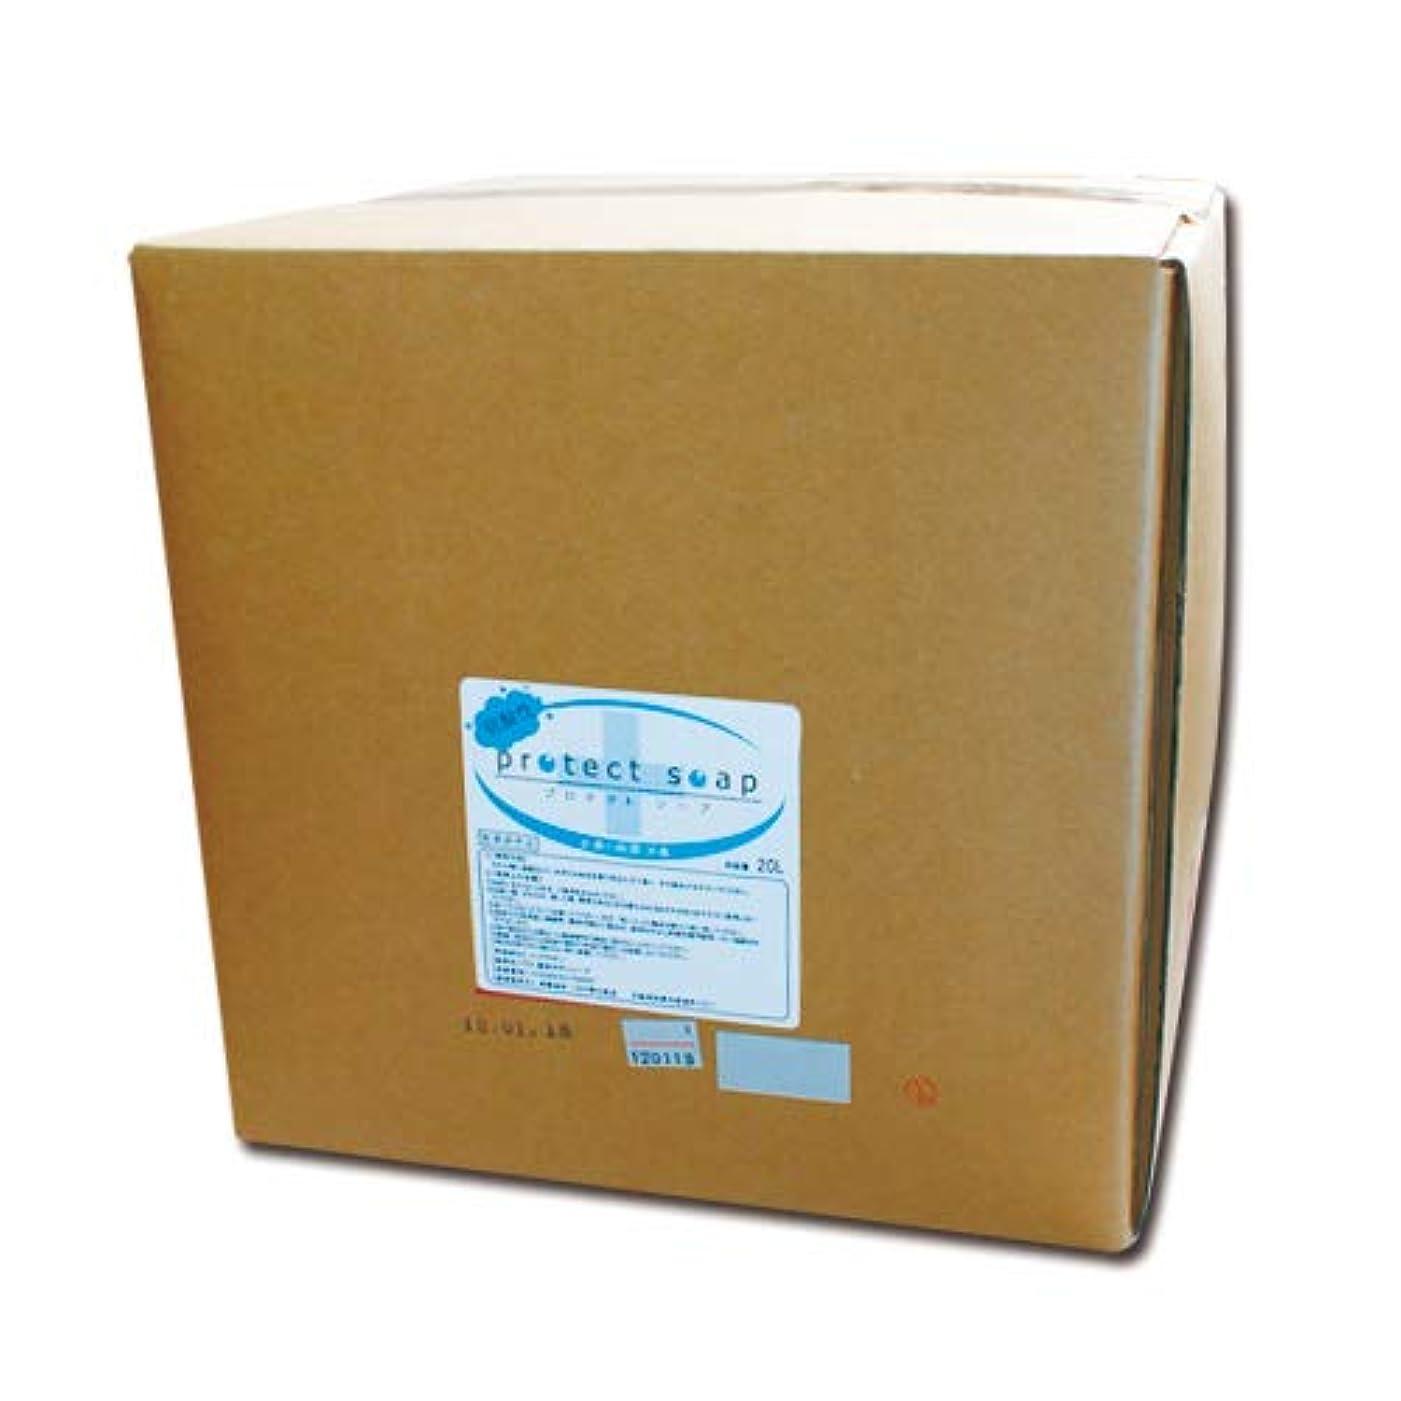 独立してパスグローバル低刺激弱酸性 液体石鹸 プロテクトソープ 20L 業務用